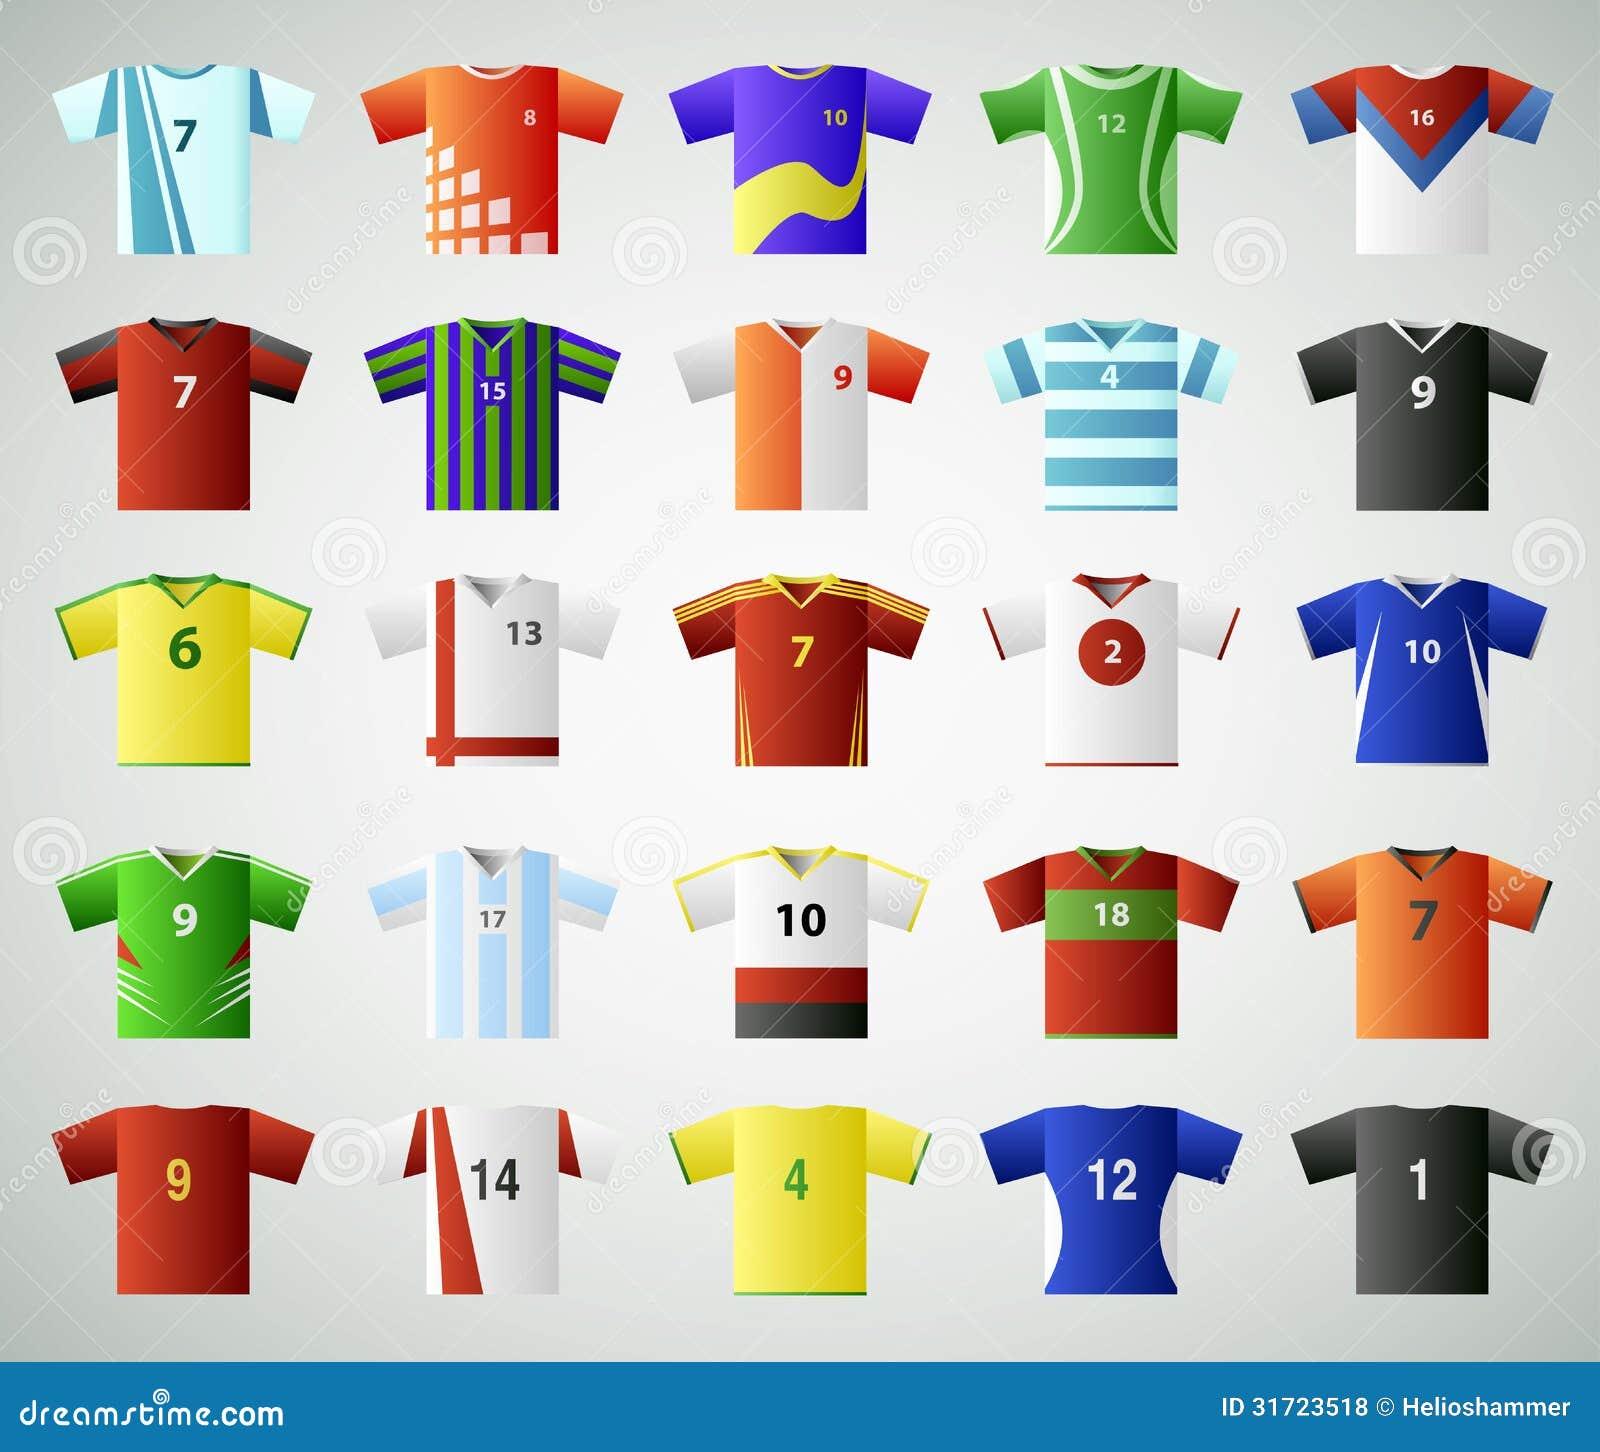 t shirt soccer jerseys